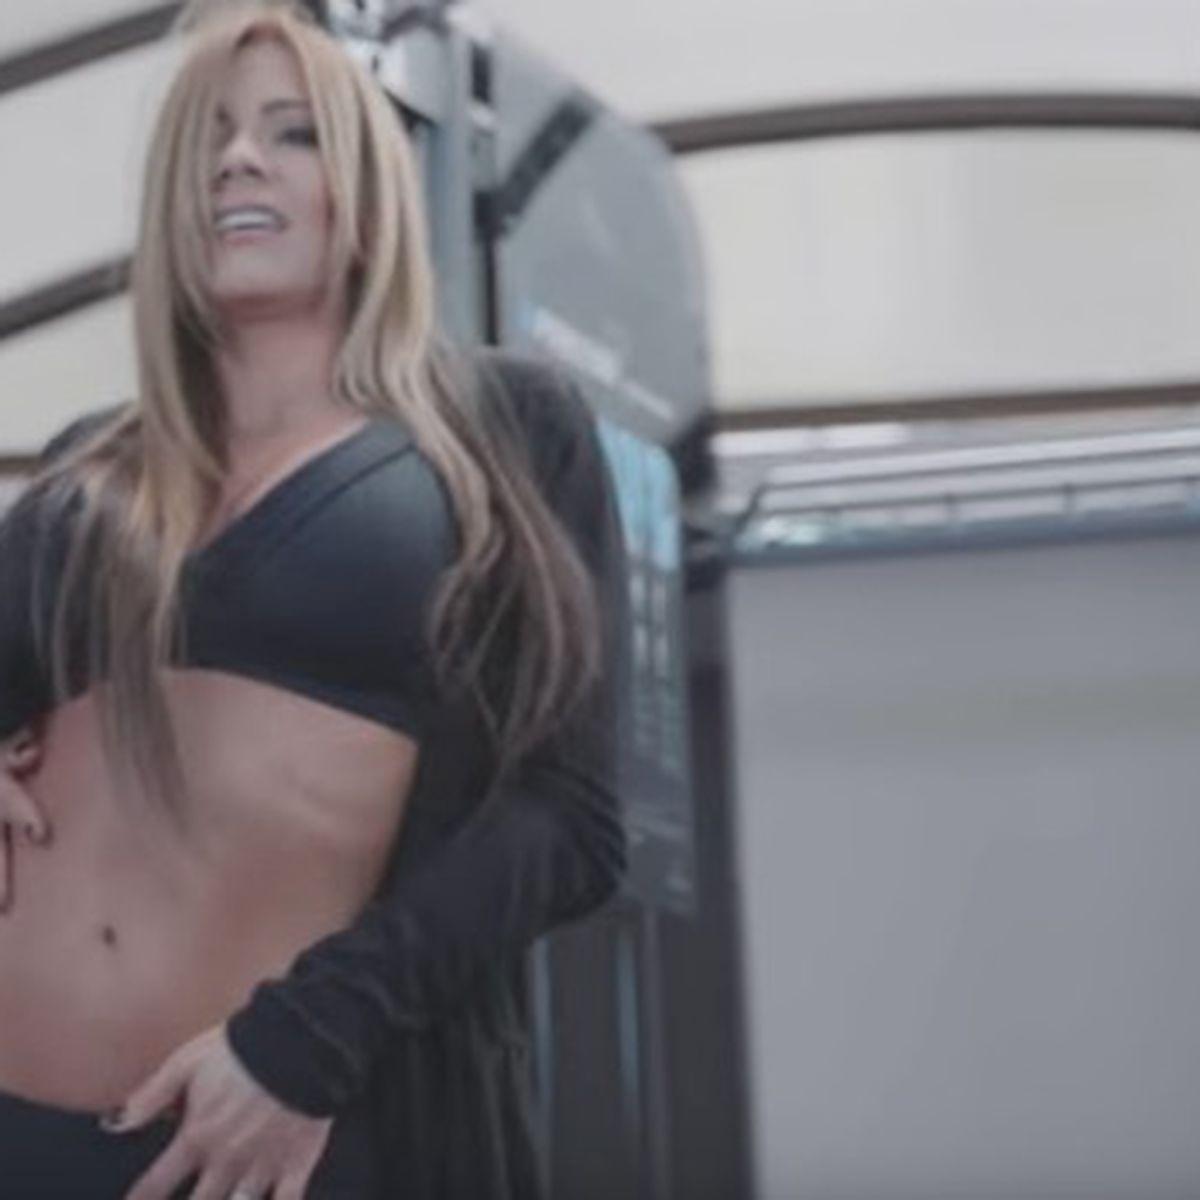 Canales Porno Baile Striptis En Barcelona cómo hacer un buen striptease? la famosa actriz porno